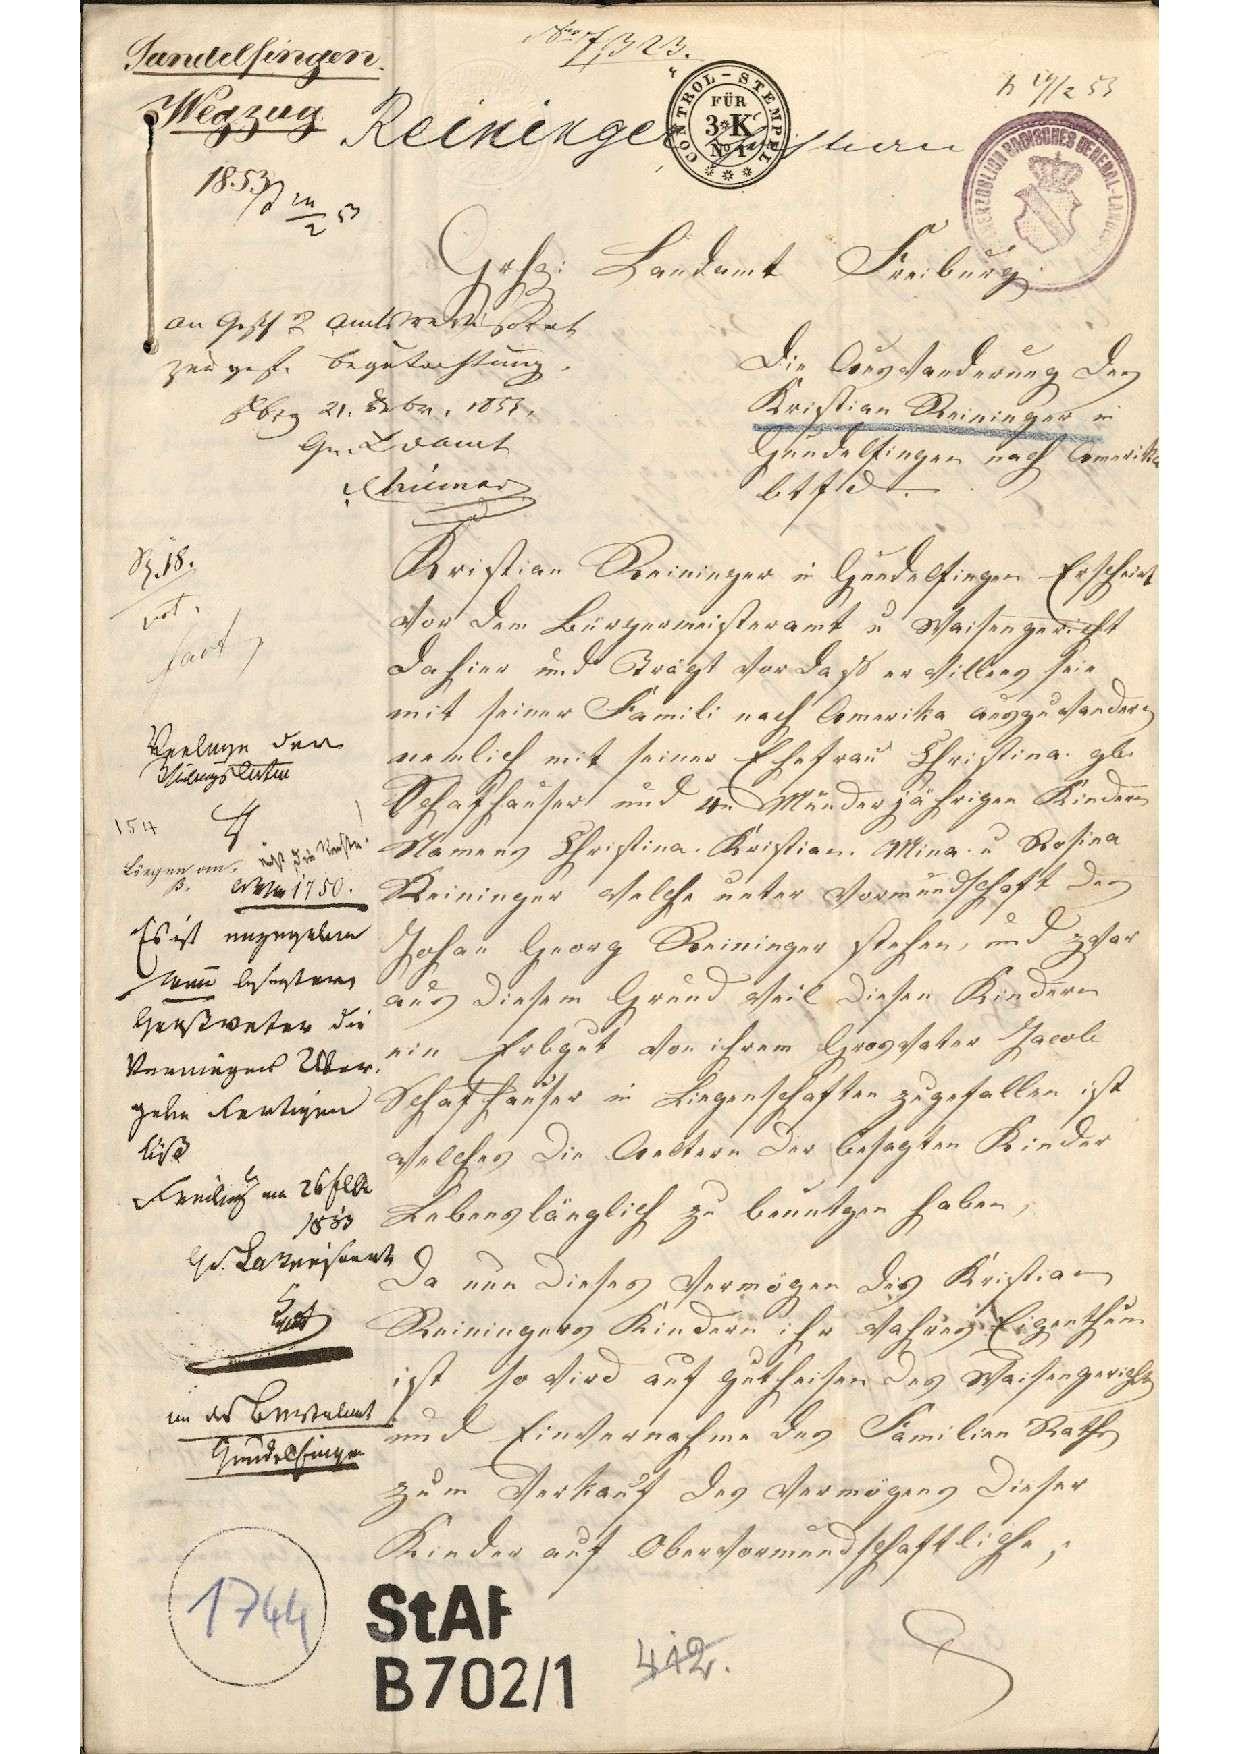 Auswanderung des Christian Reininger von Gundelfingen mit seiner Familie nach Amerika, Bild 1